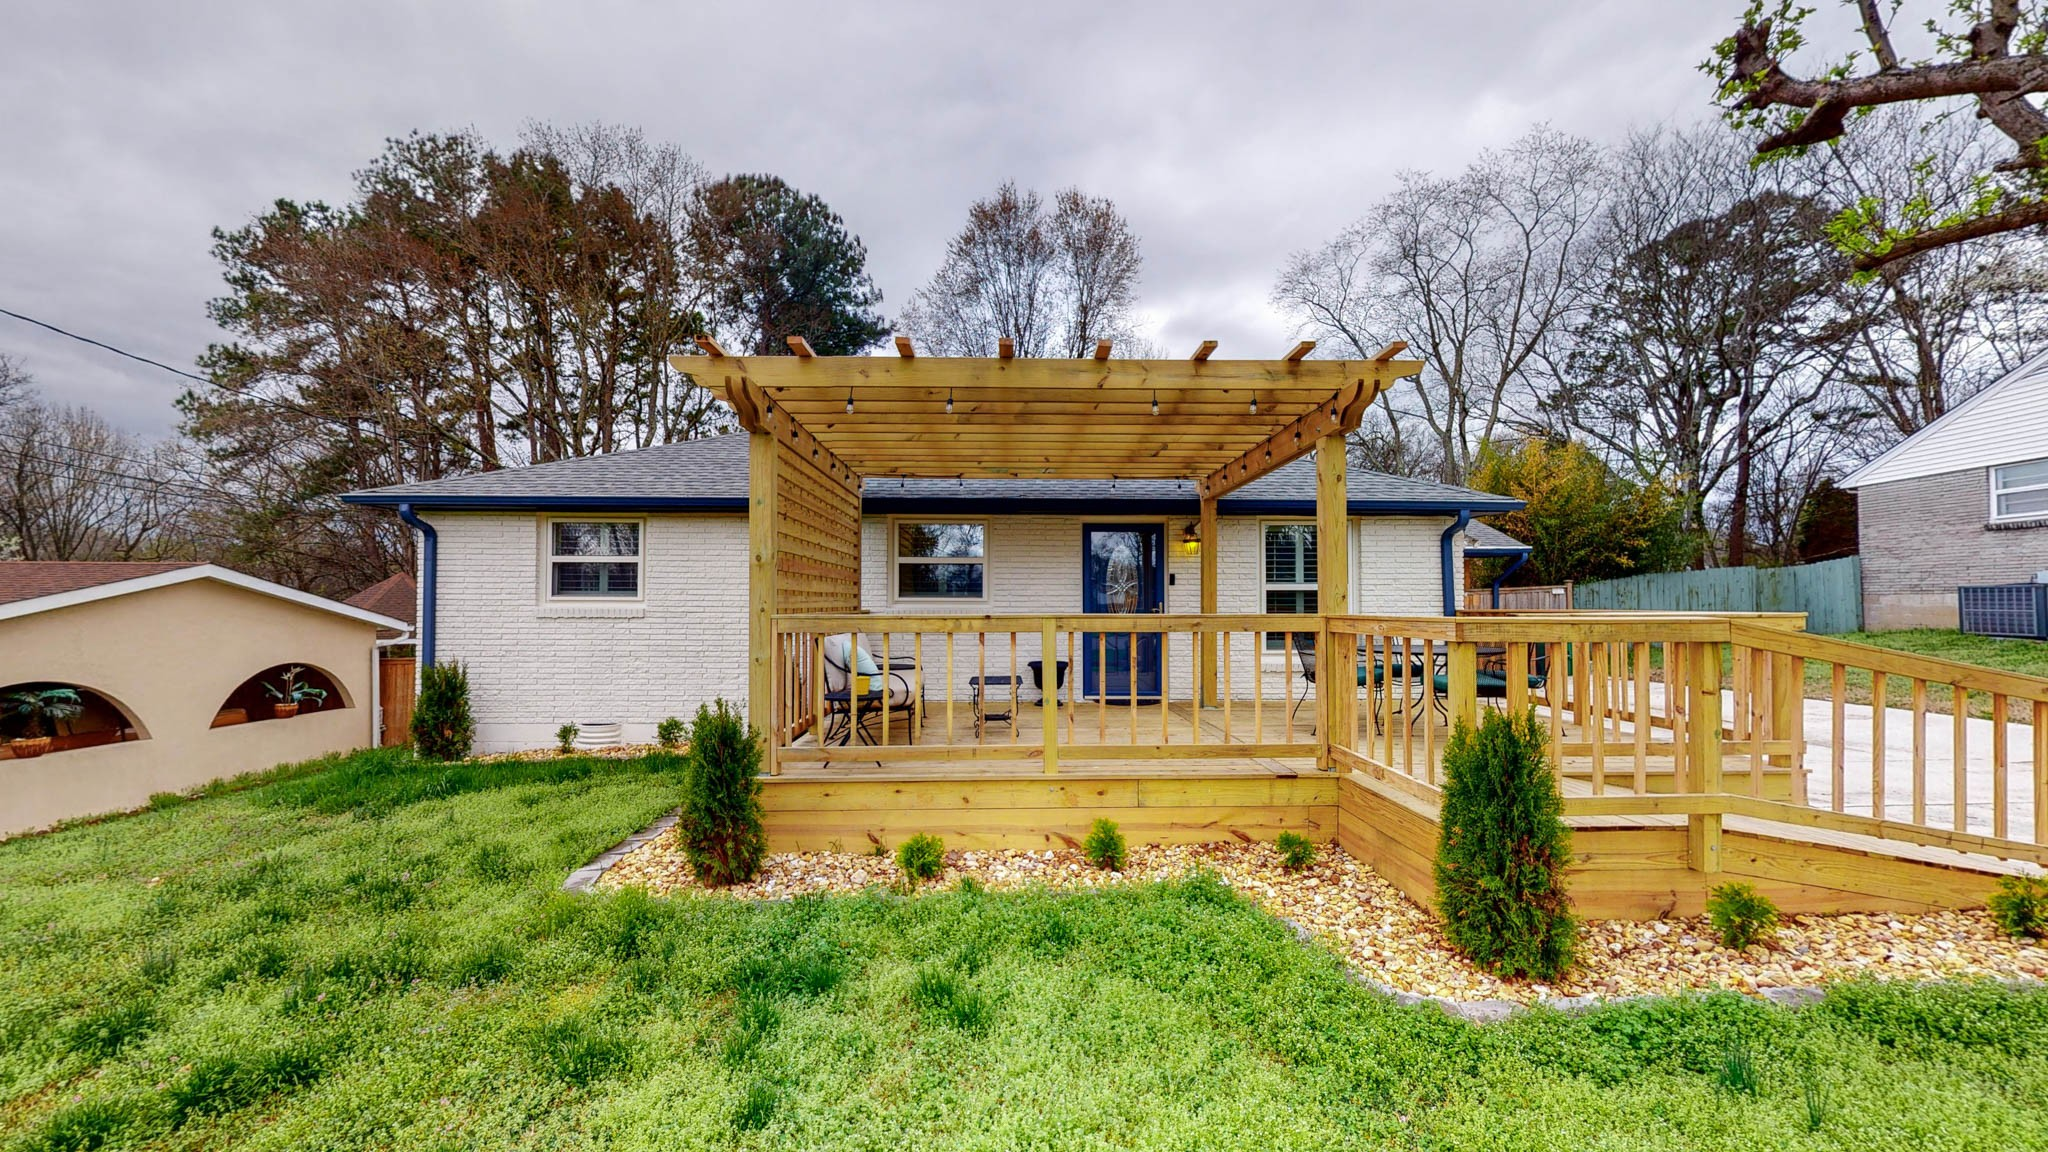 3811 Barlow Dr Property Photo - Nashville, TN real estate listing